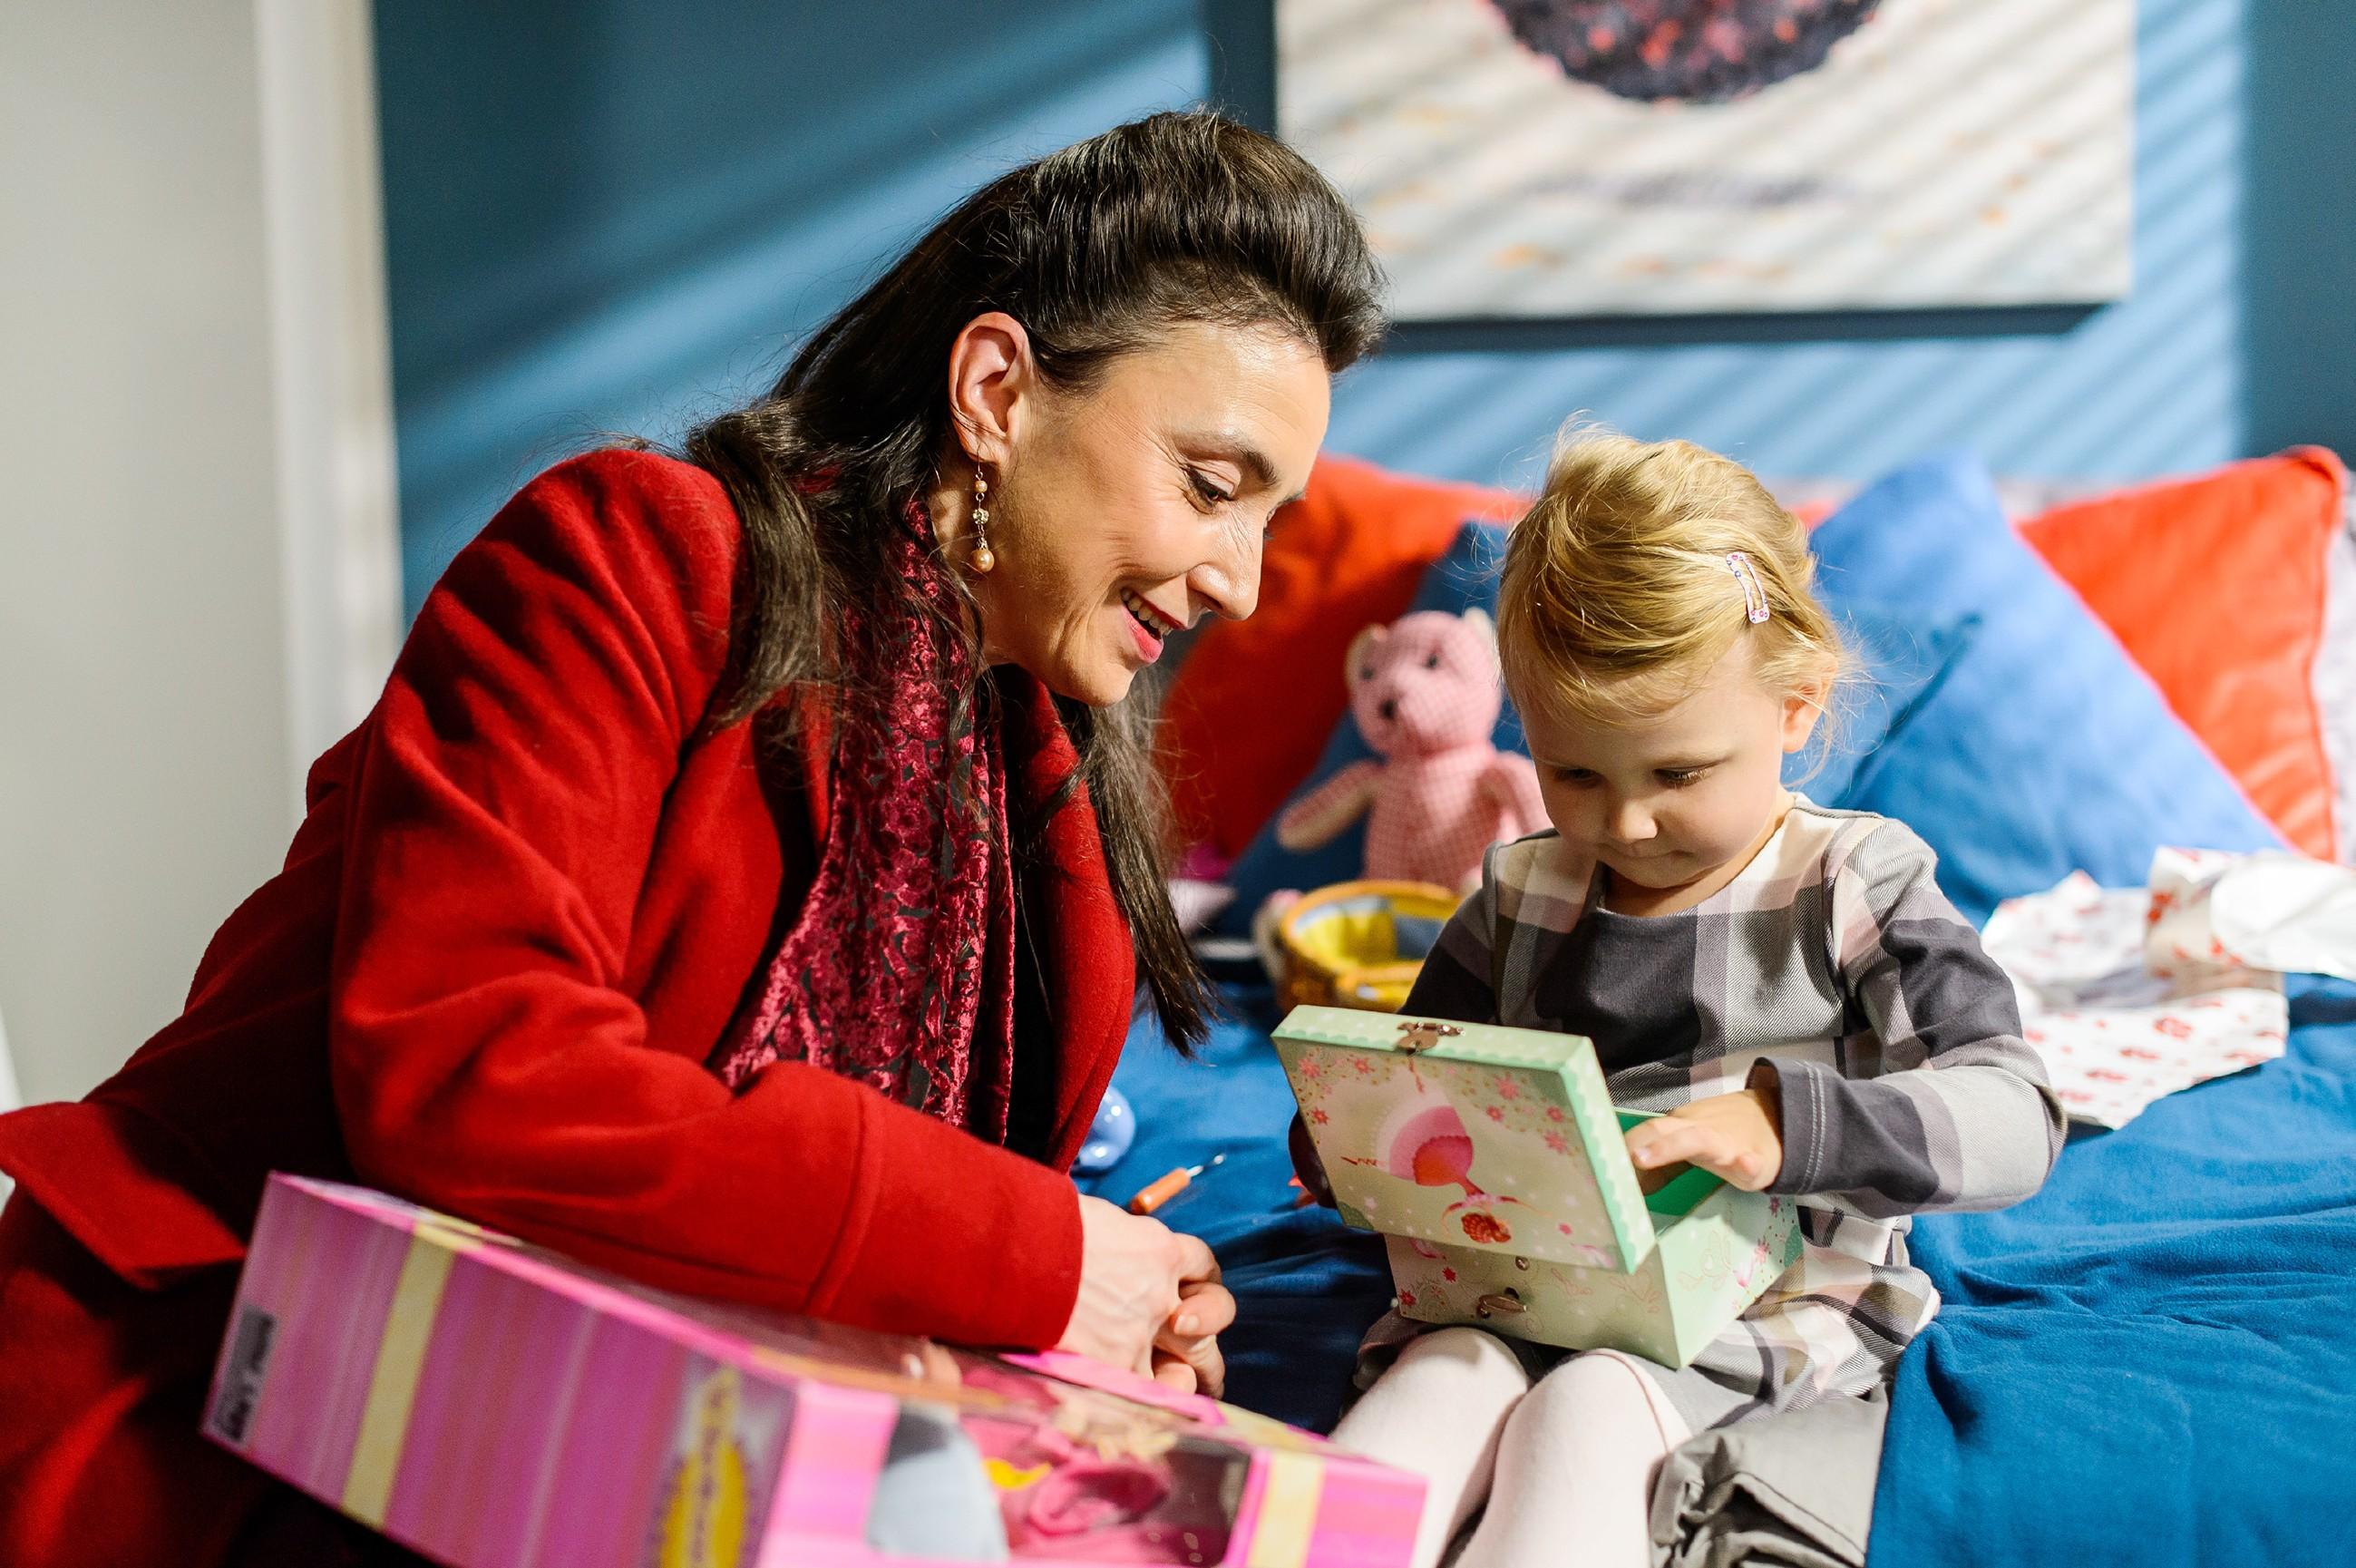 Simone (Tatjana Clasing, l.) besucht Jenny in ihrem Hotelzimmer, um sie zu einem gemeinsamen Weihnachtsfest in der Villa zu überreden. Stolz zeigt ihr Annabelle (r.) ihre Geschenke. (Quelle: RTL / Willi Weber)